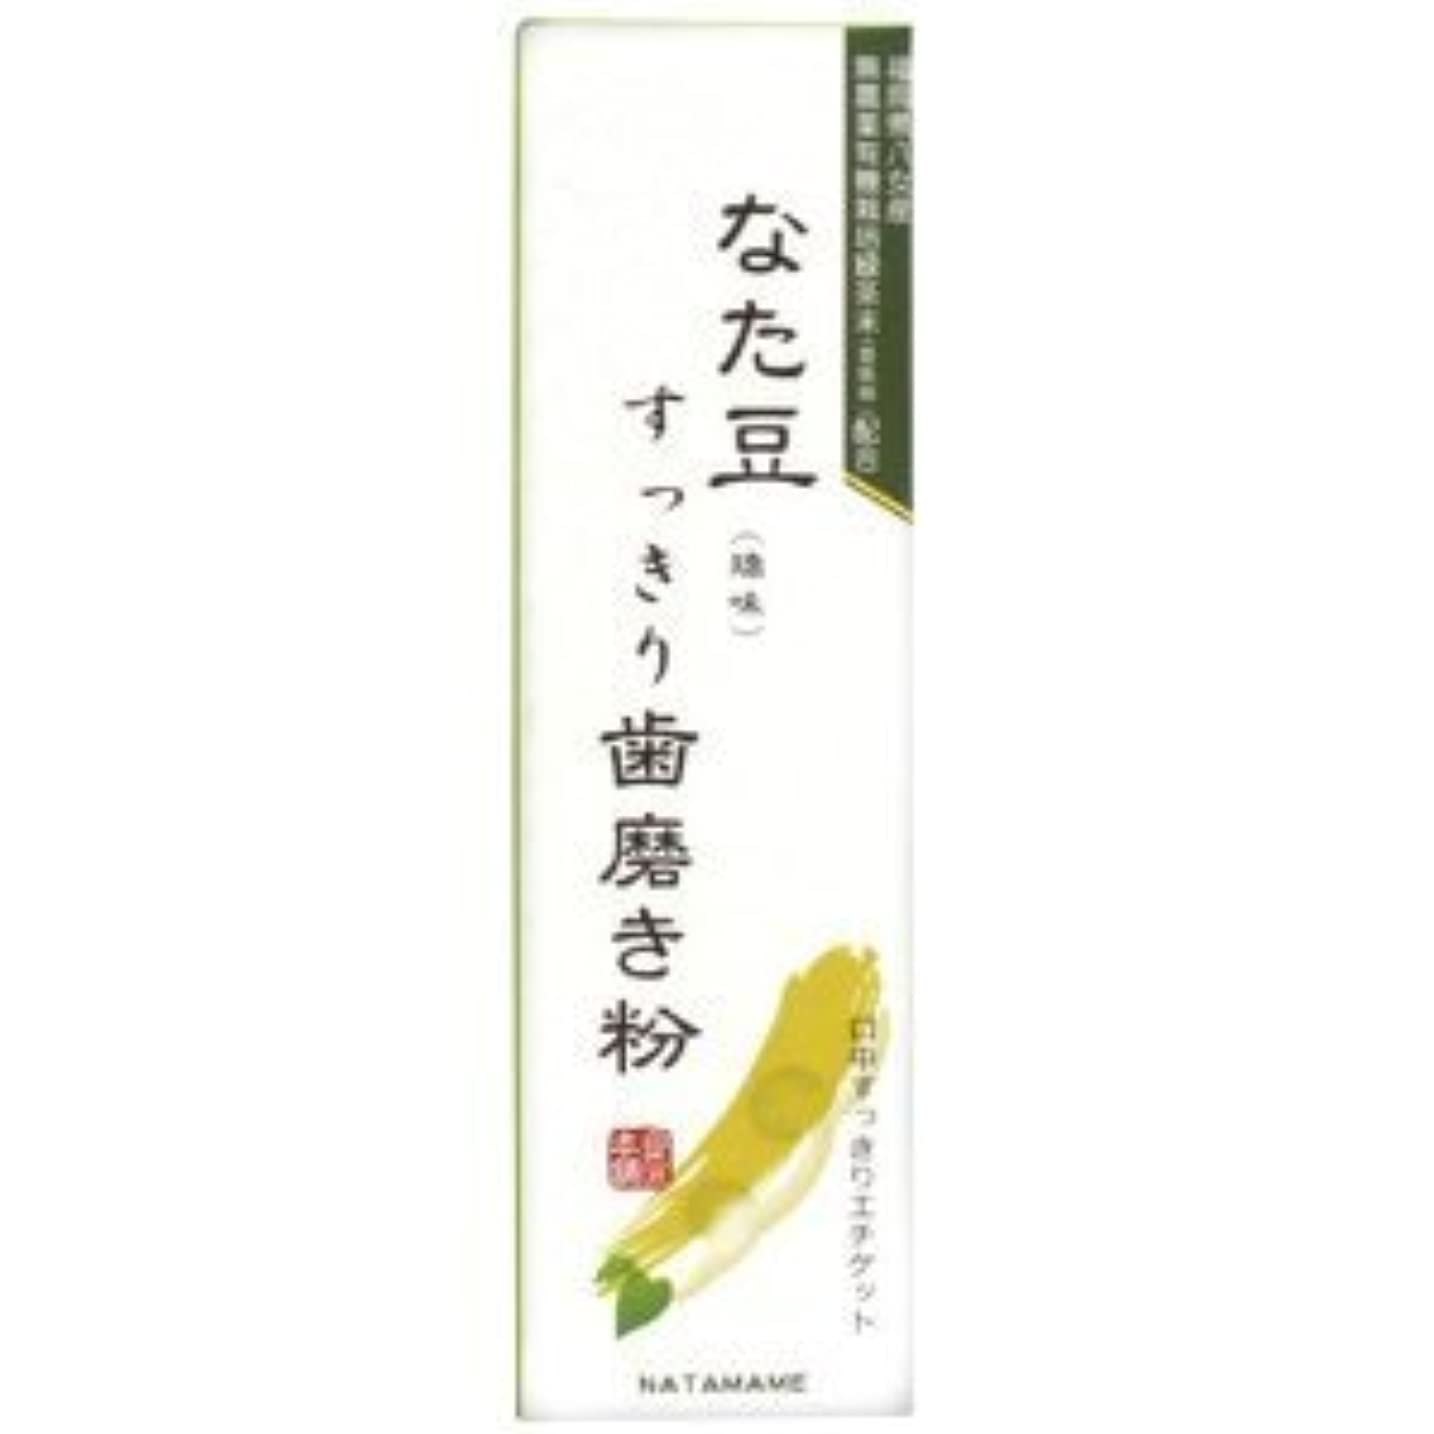 マーカーマングルスキャンダルなた豆すっきり歯磨き粉(120g)2本セット